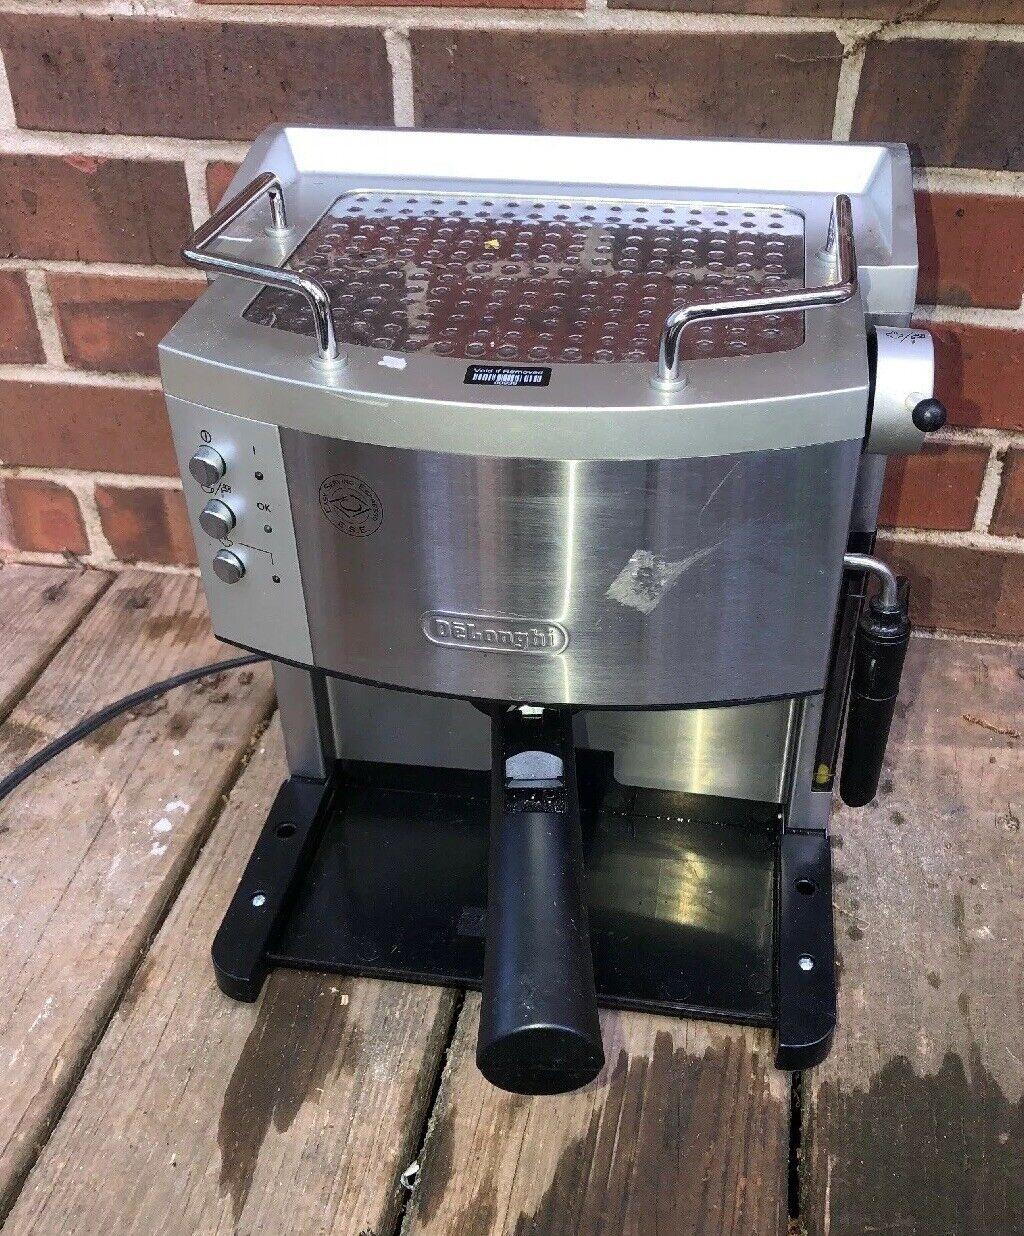 DeLonghi EC702 15 bar Pompe Moteur Espresso et Cappuccino Maker manquant Plateau D'égouttement